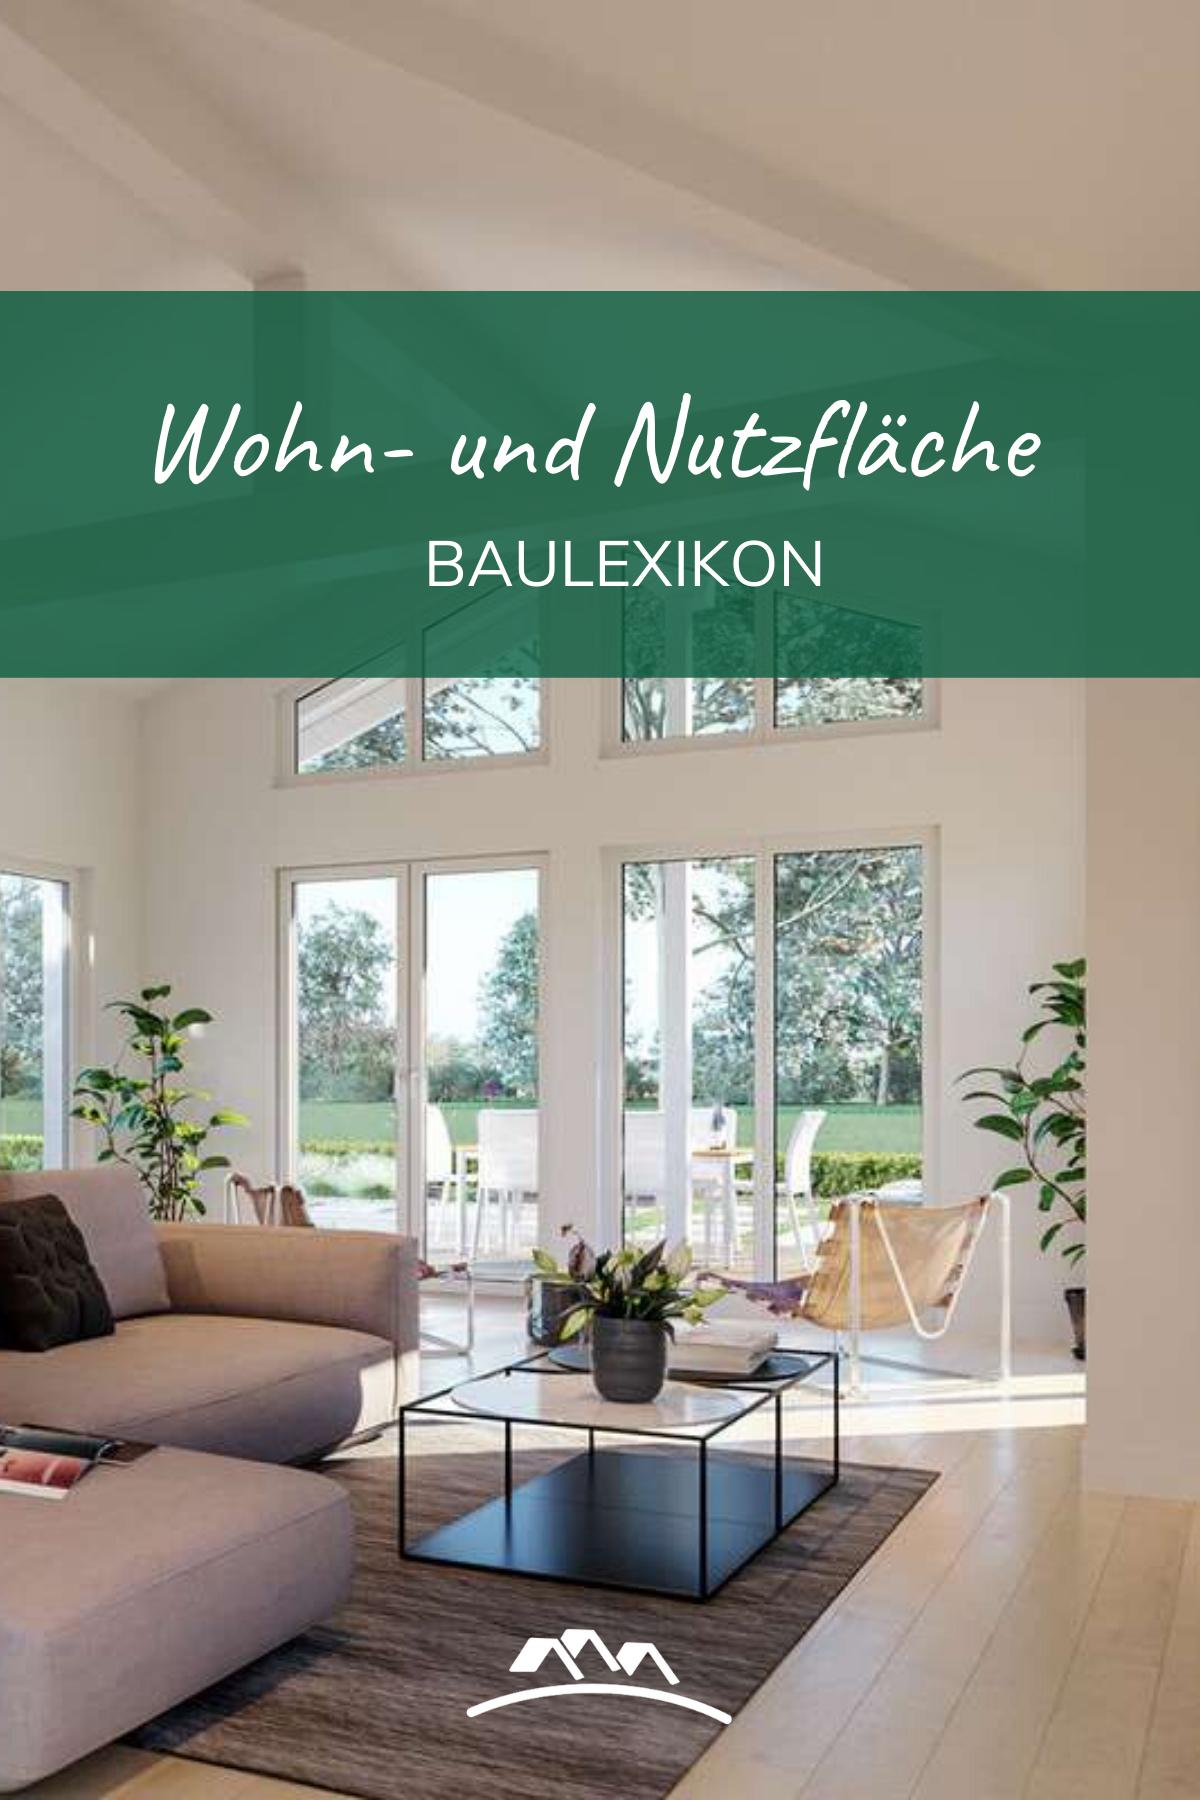 Unterschied Zwischen Wohn Und Nutzflache In 2020 Haus Bauen Hausbau Tipps Wohnen